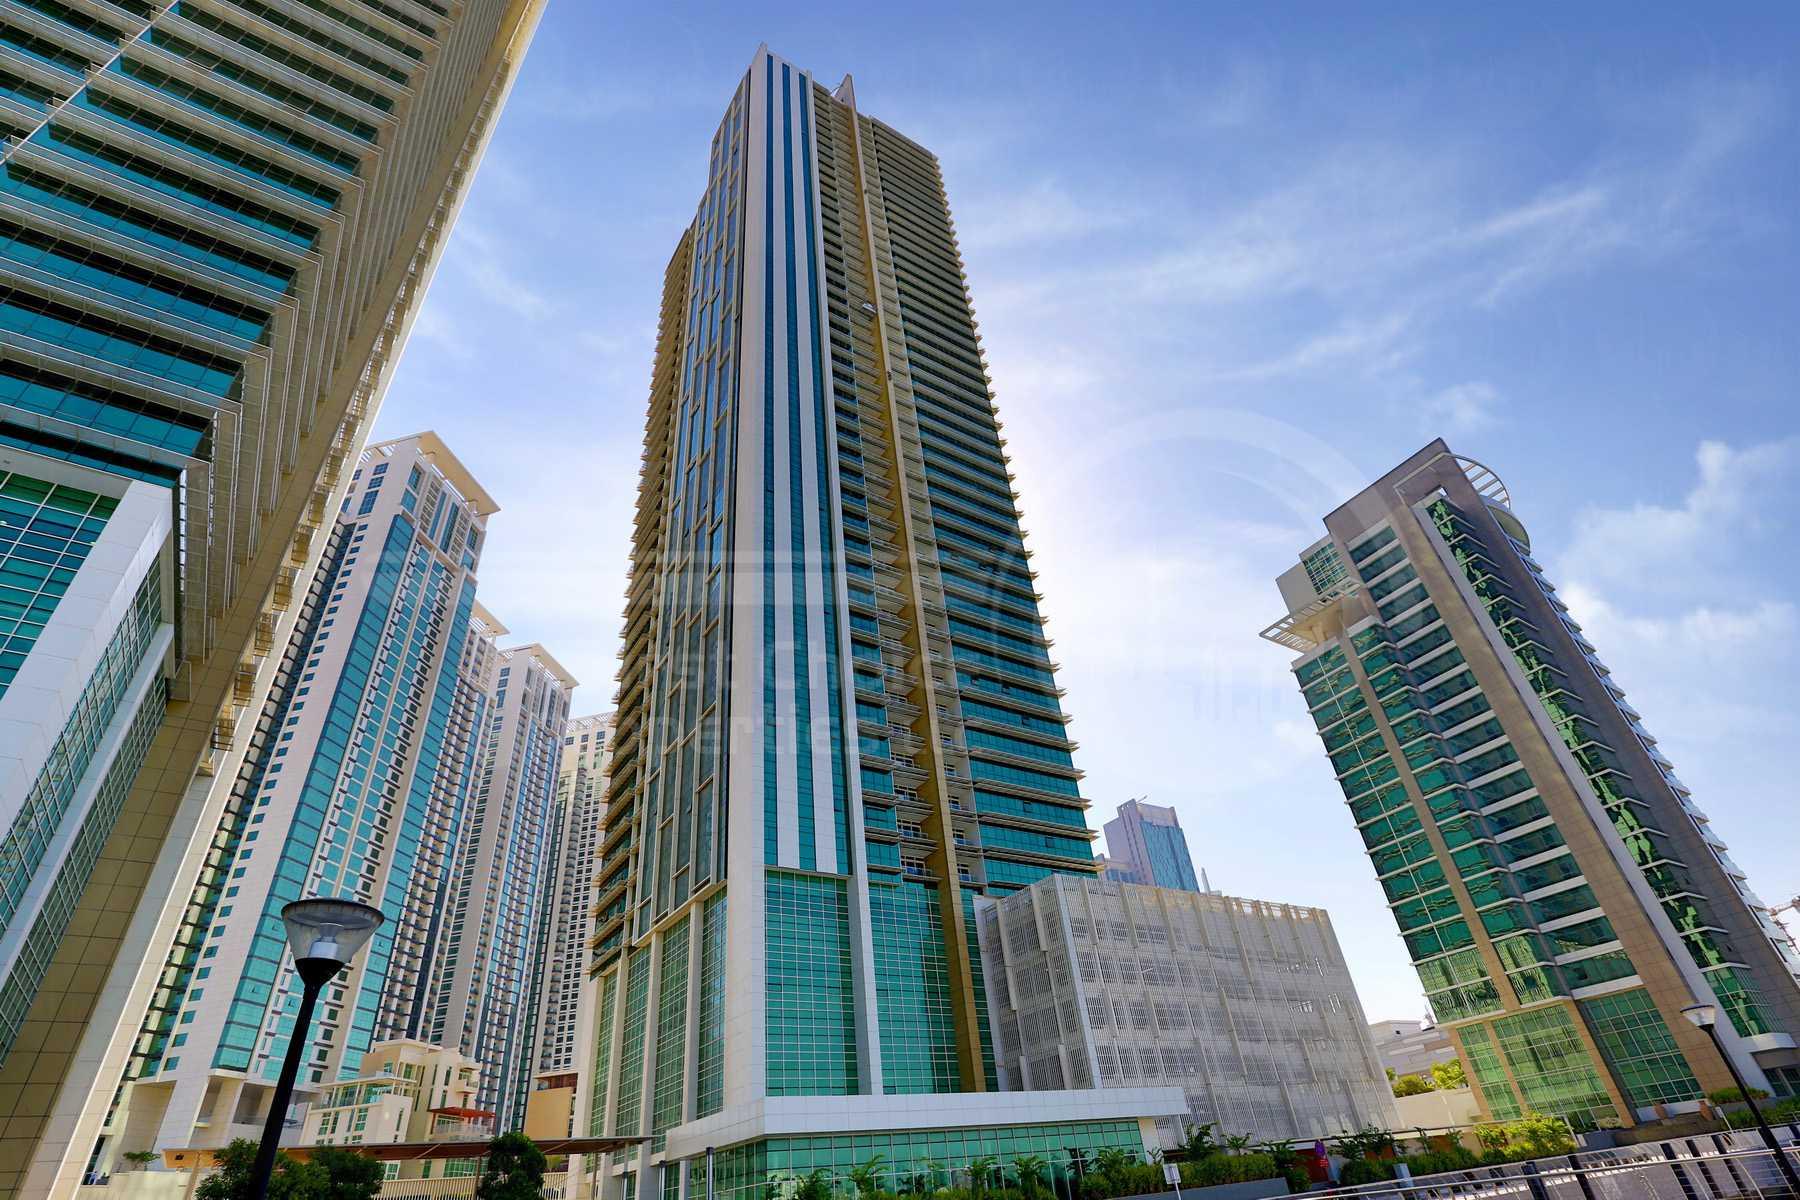 Studio - 1BR - 2BR - 3BR - 4BR Apartment - Abu Dhabi - UAE - Al Reem Island - Marina Square - Outside View (36).jpg